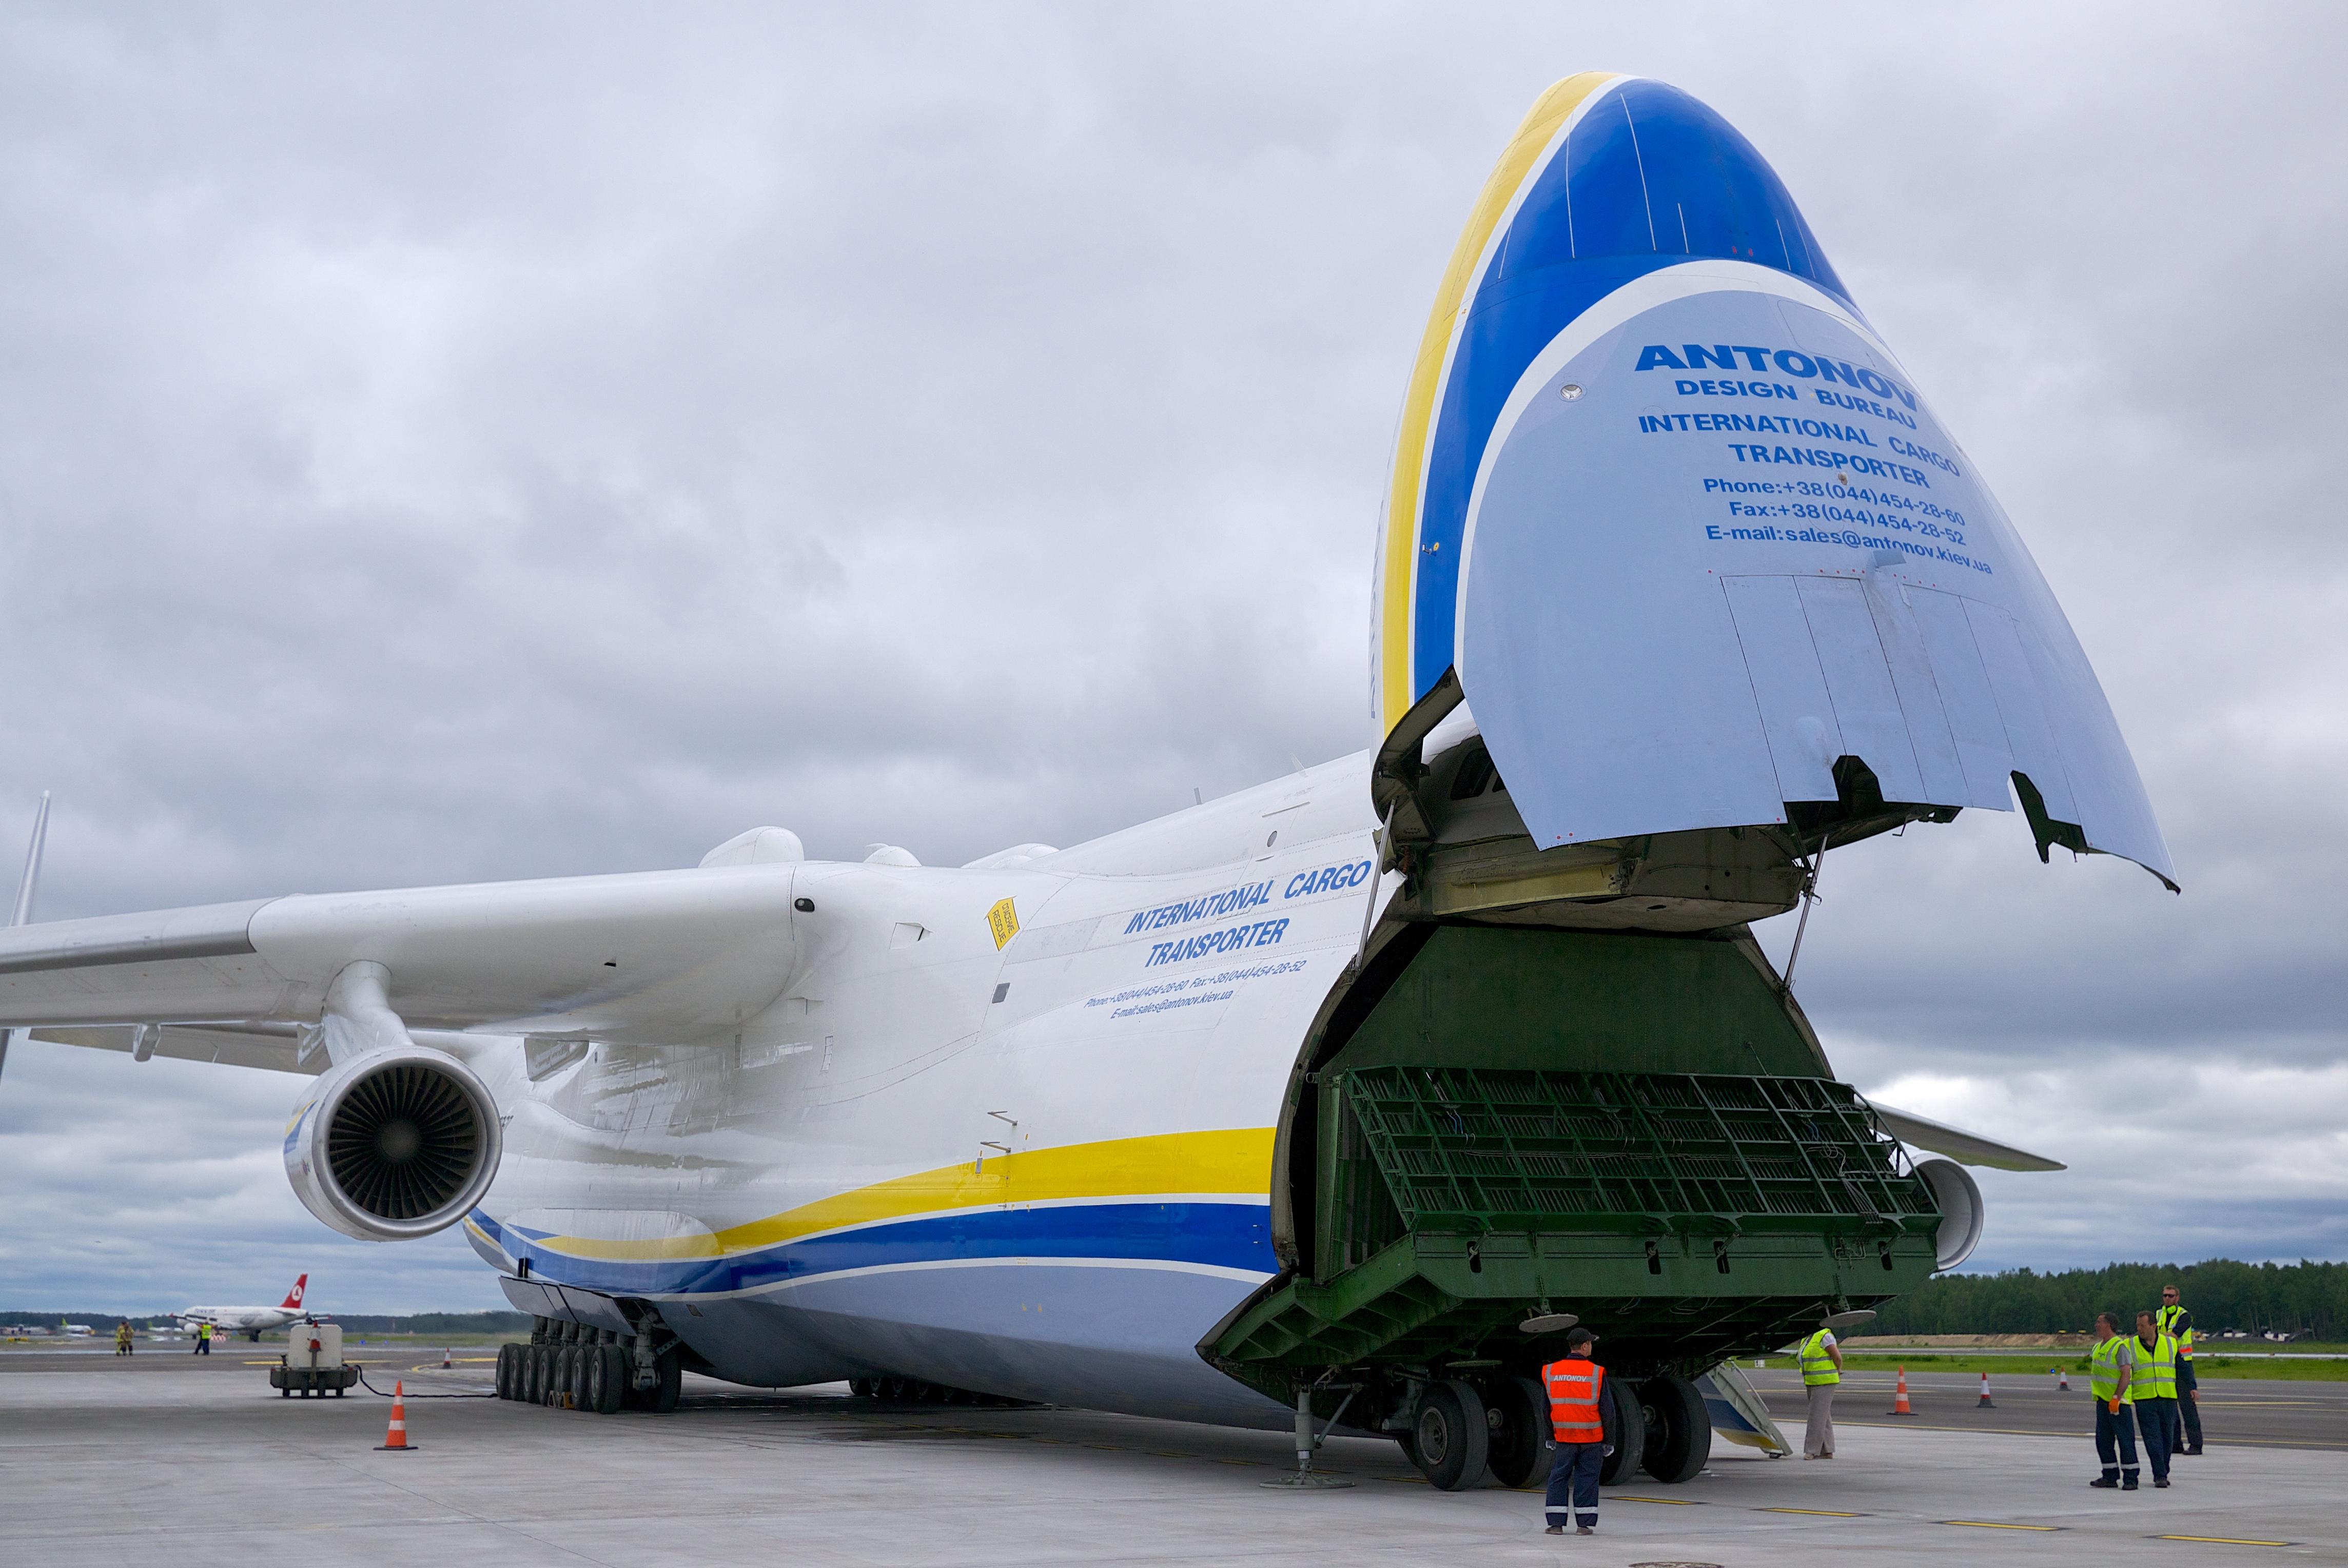 Antonov_An-225_Mriya_%2814219323367%29.jpg